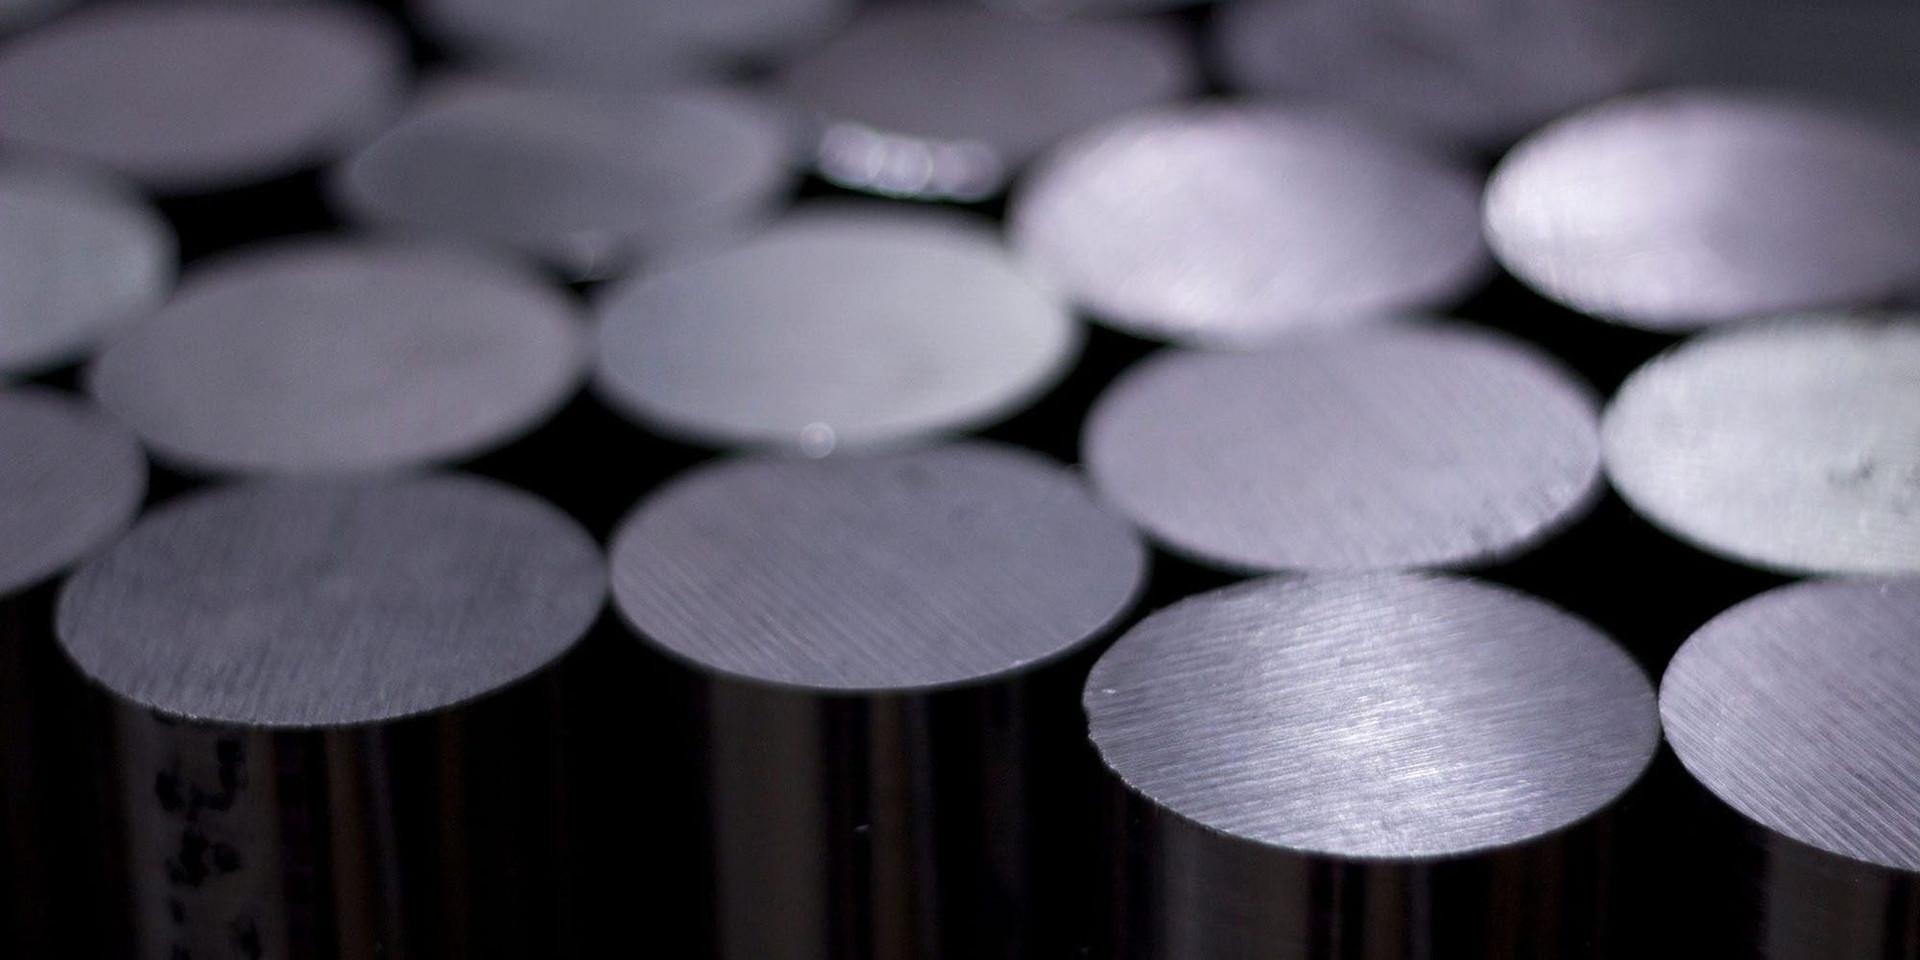 titanium-iphone-body-2022.jpg